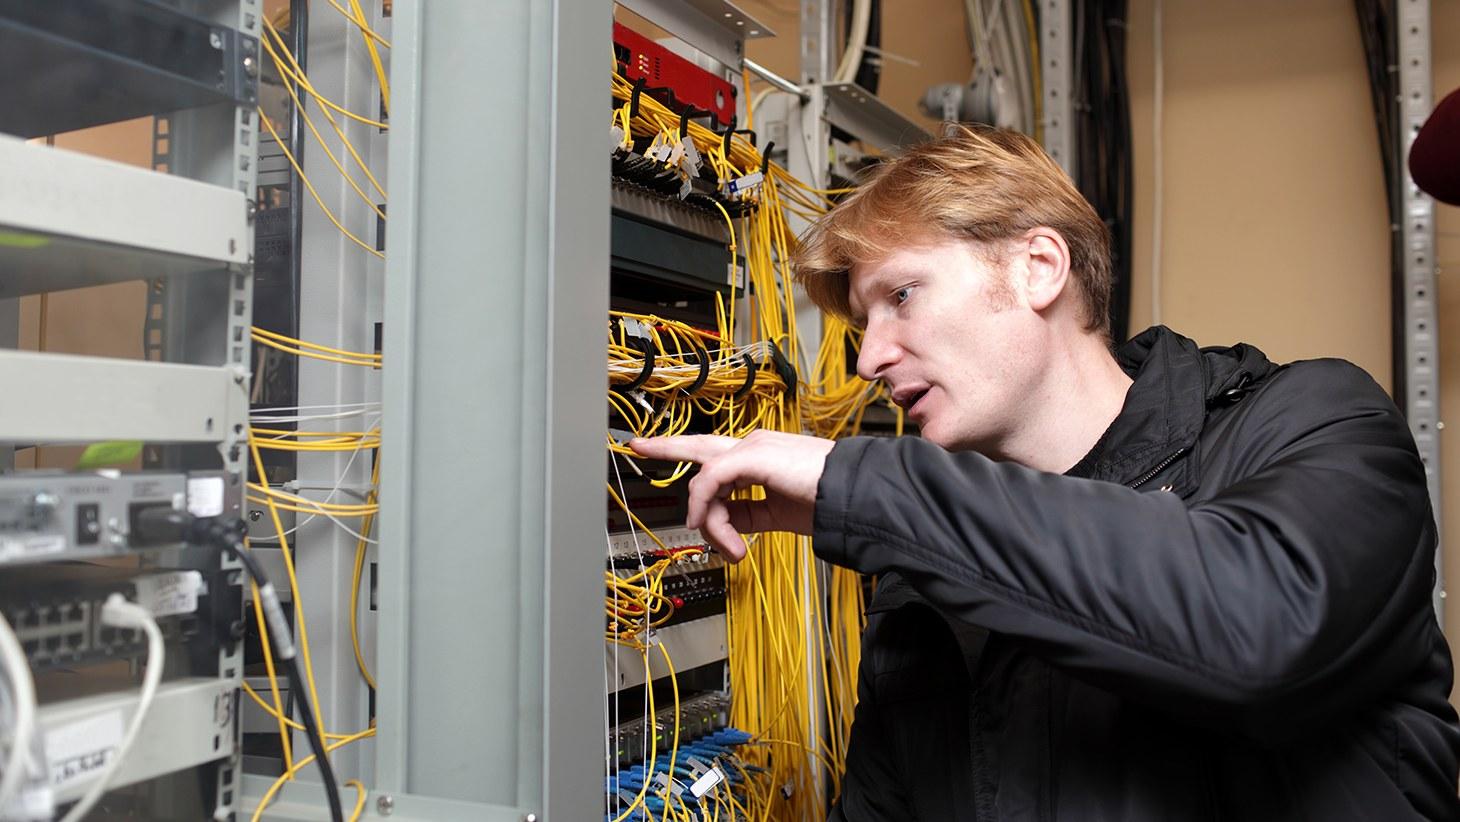 Контроль монтажных и ремонтных бригад телеком-оператора